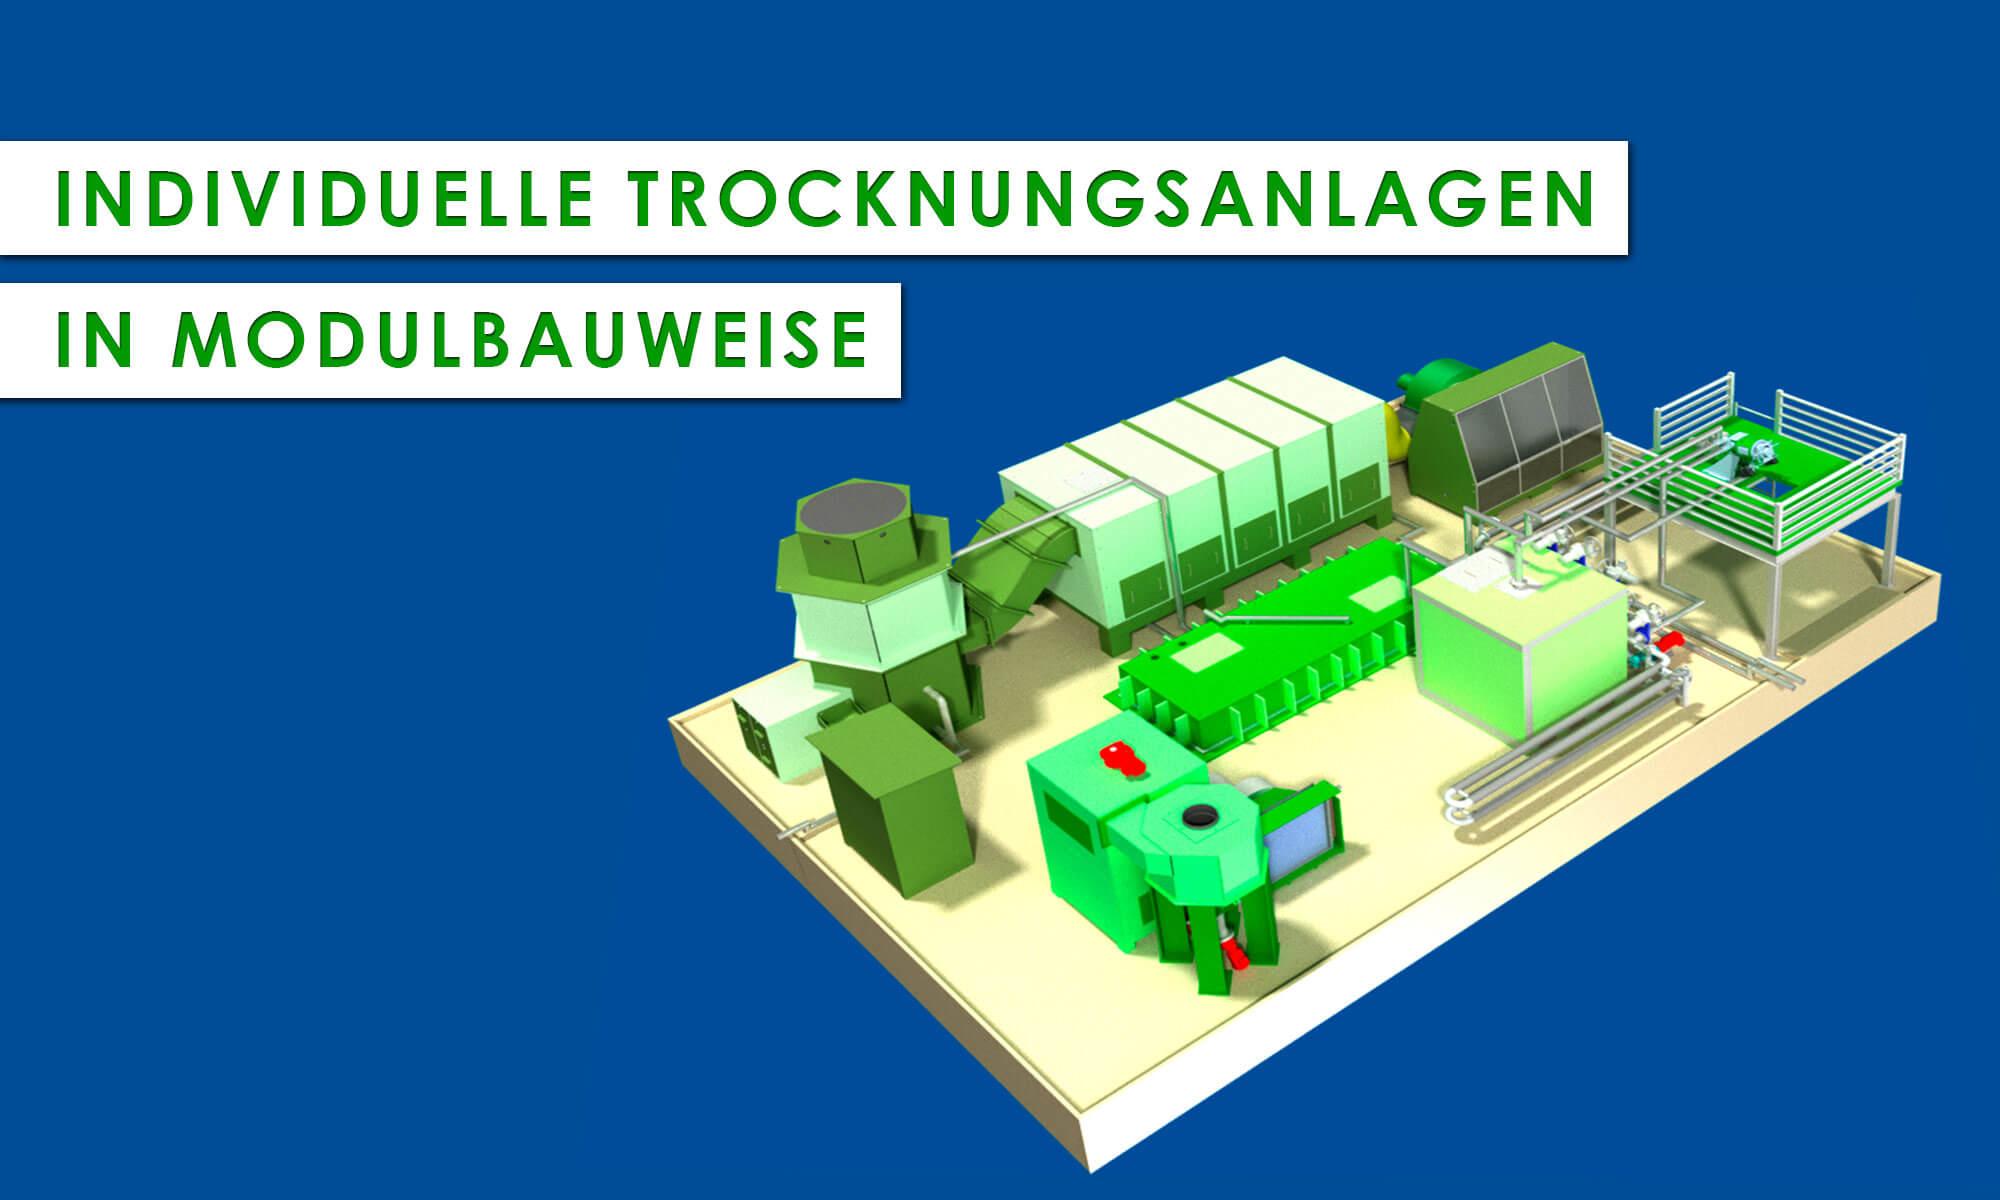 Anlagenübersicht EVA-Trockner mit individuellen Modulaufbau